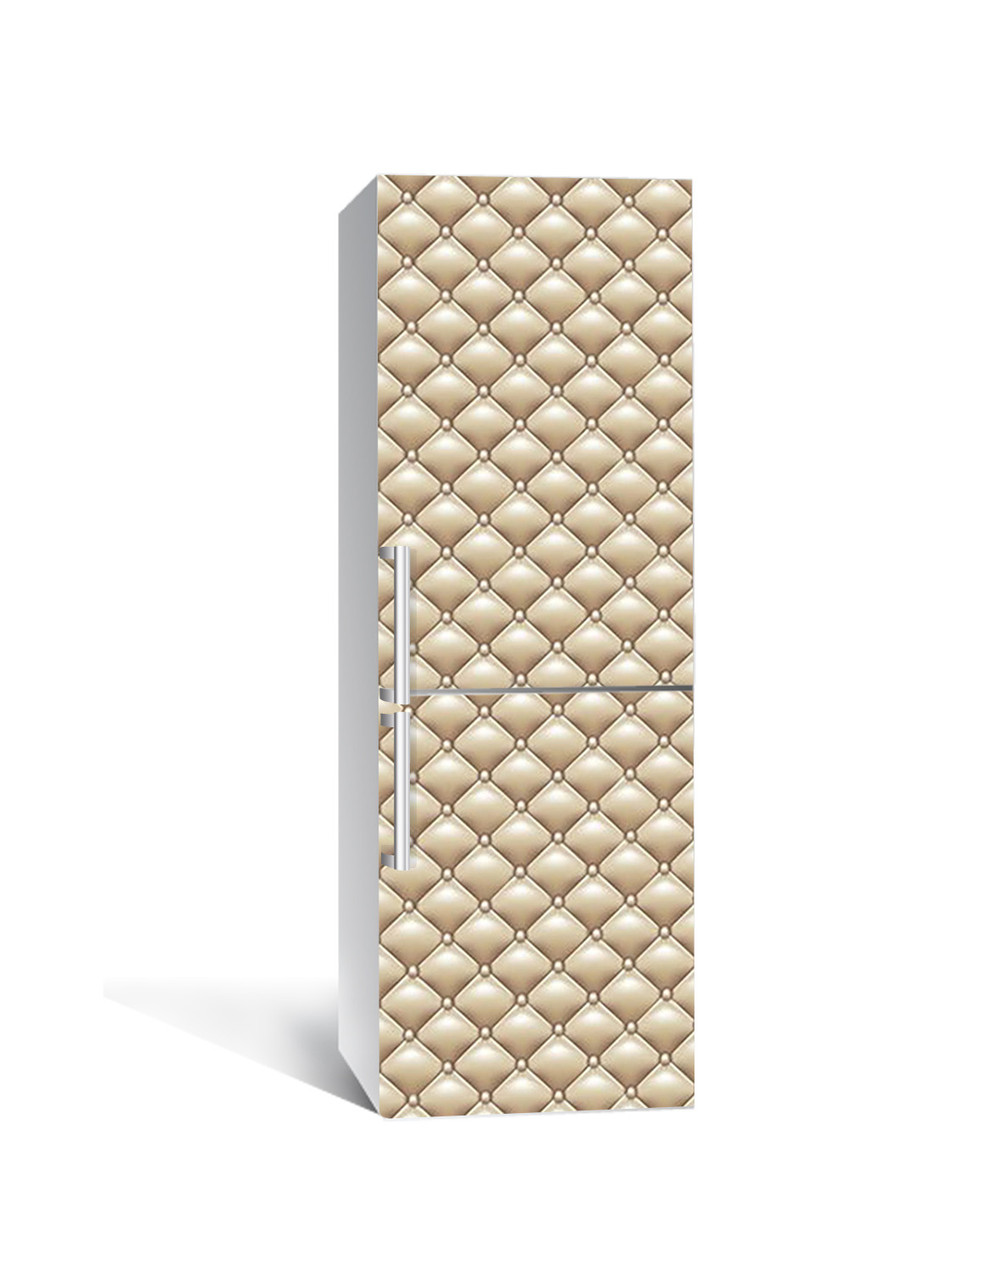 Наклейка на холодильник Под кремовую кожу Кожаный (пленка ПВХ с ламинацией) 65*200см Текстуры Бежевый